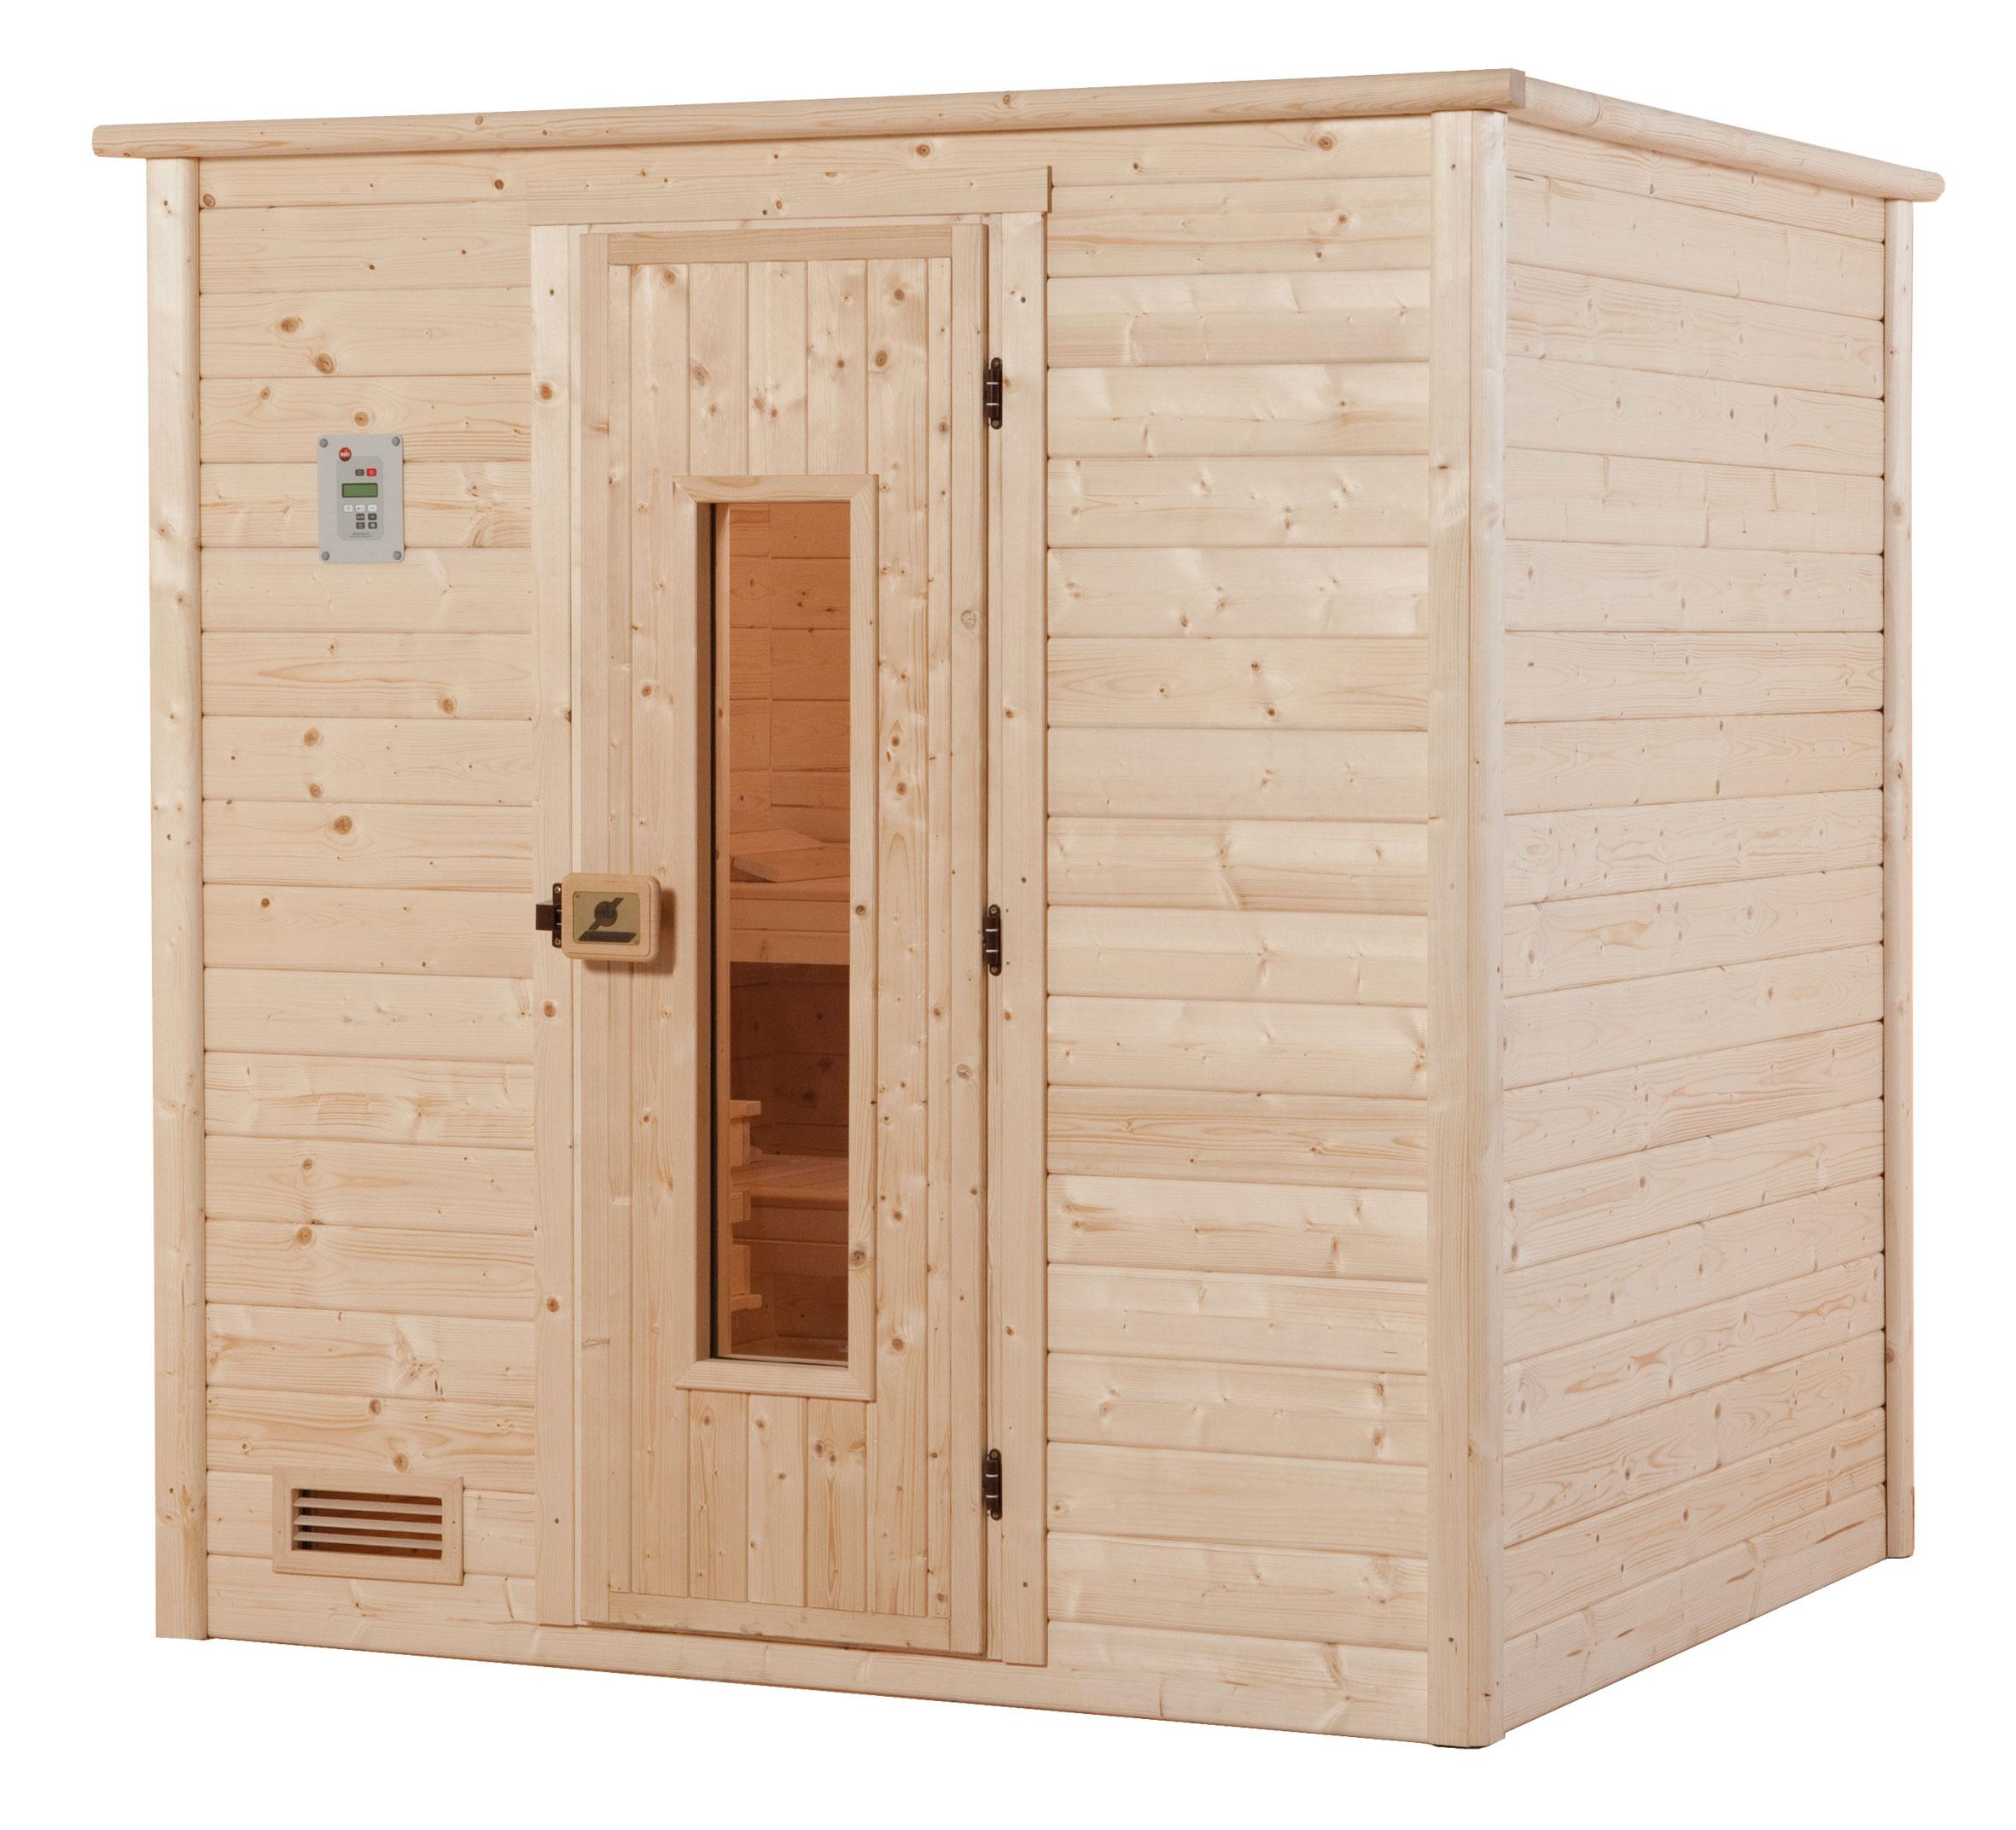 weka sauna 531 ht gr 4 massivholzsauna ohne saunaofen bei. Black Bedroom Furniture Sets. Home Design Ideas